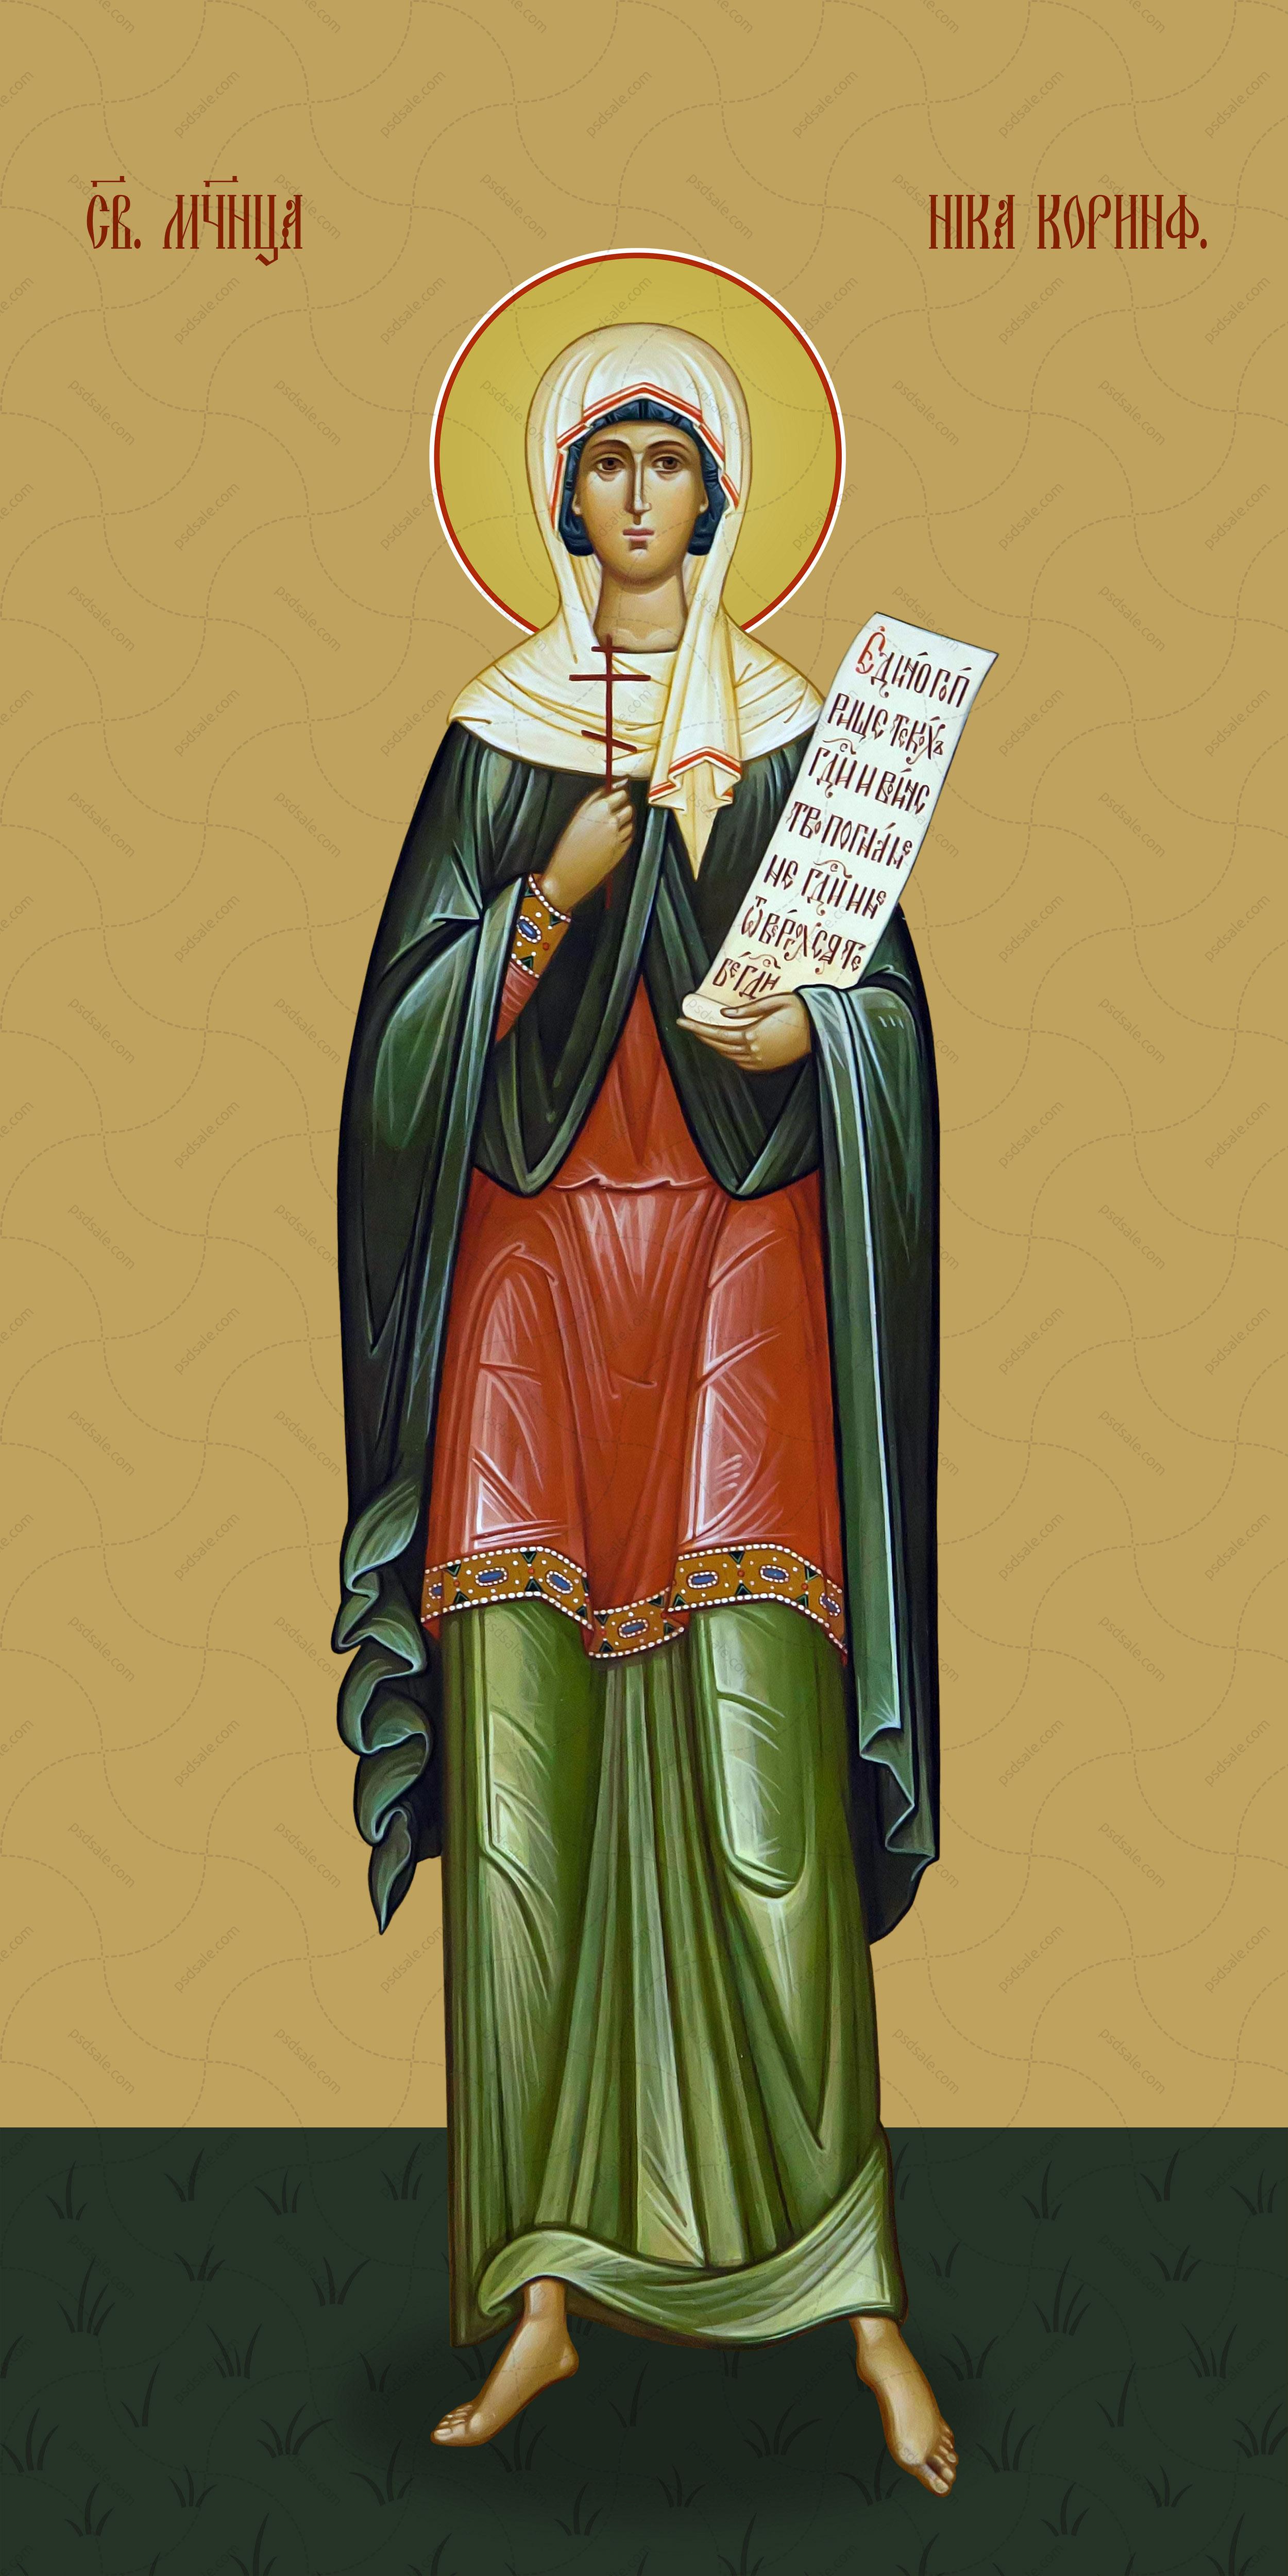 Мерная икона, Вероника Коринфская (Ника), святая